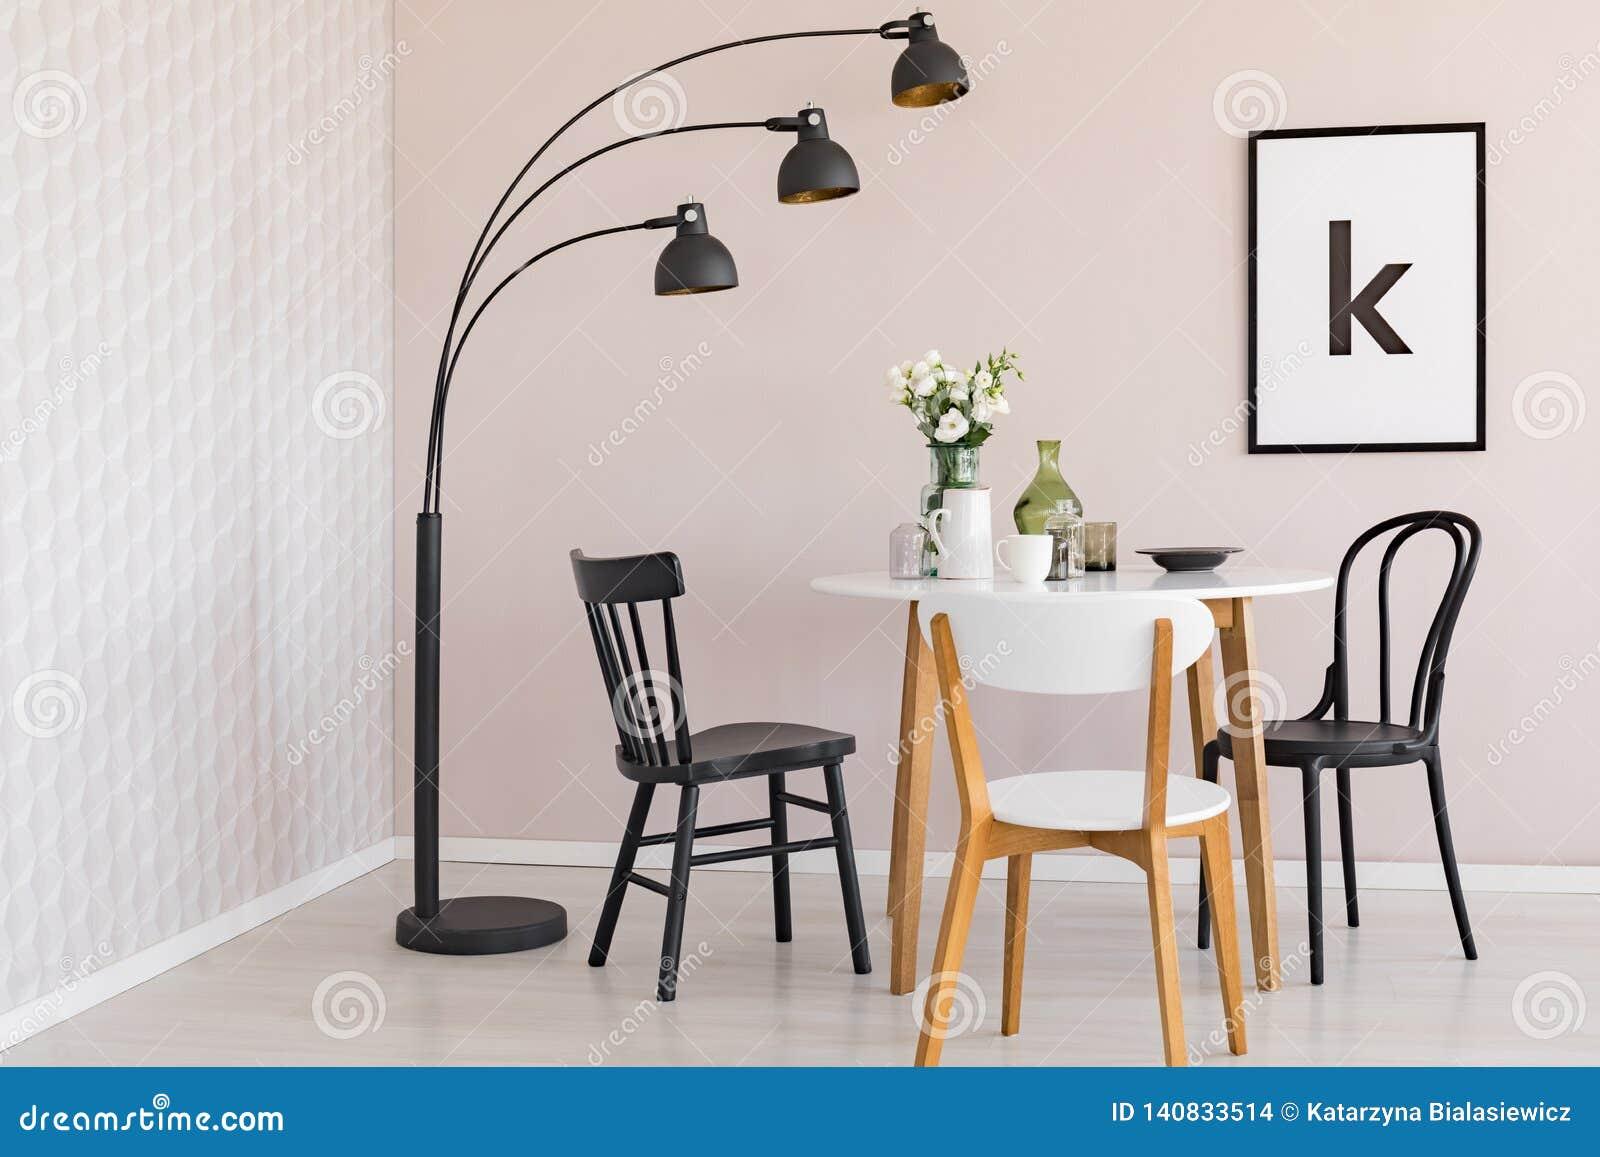 在椅子上的黑灯和与花的木桌在餐厅内部与海报 实际照片